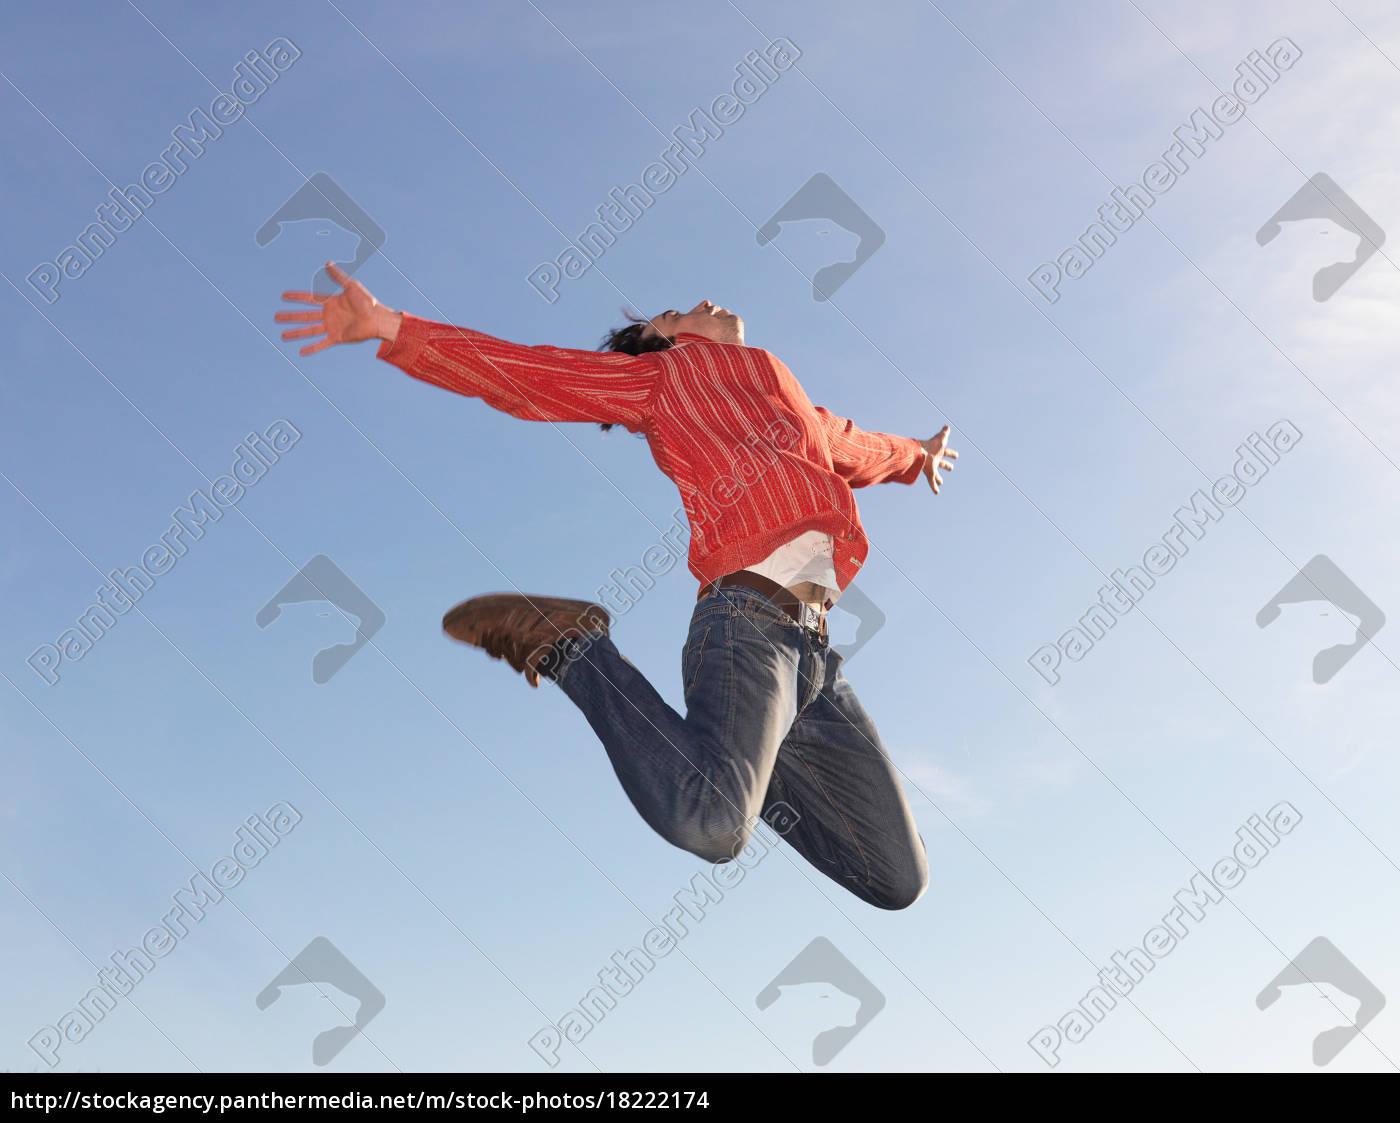 man, jumping - 18222174